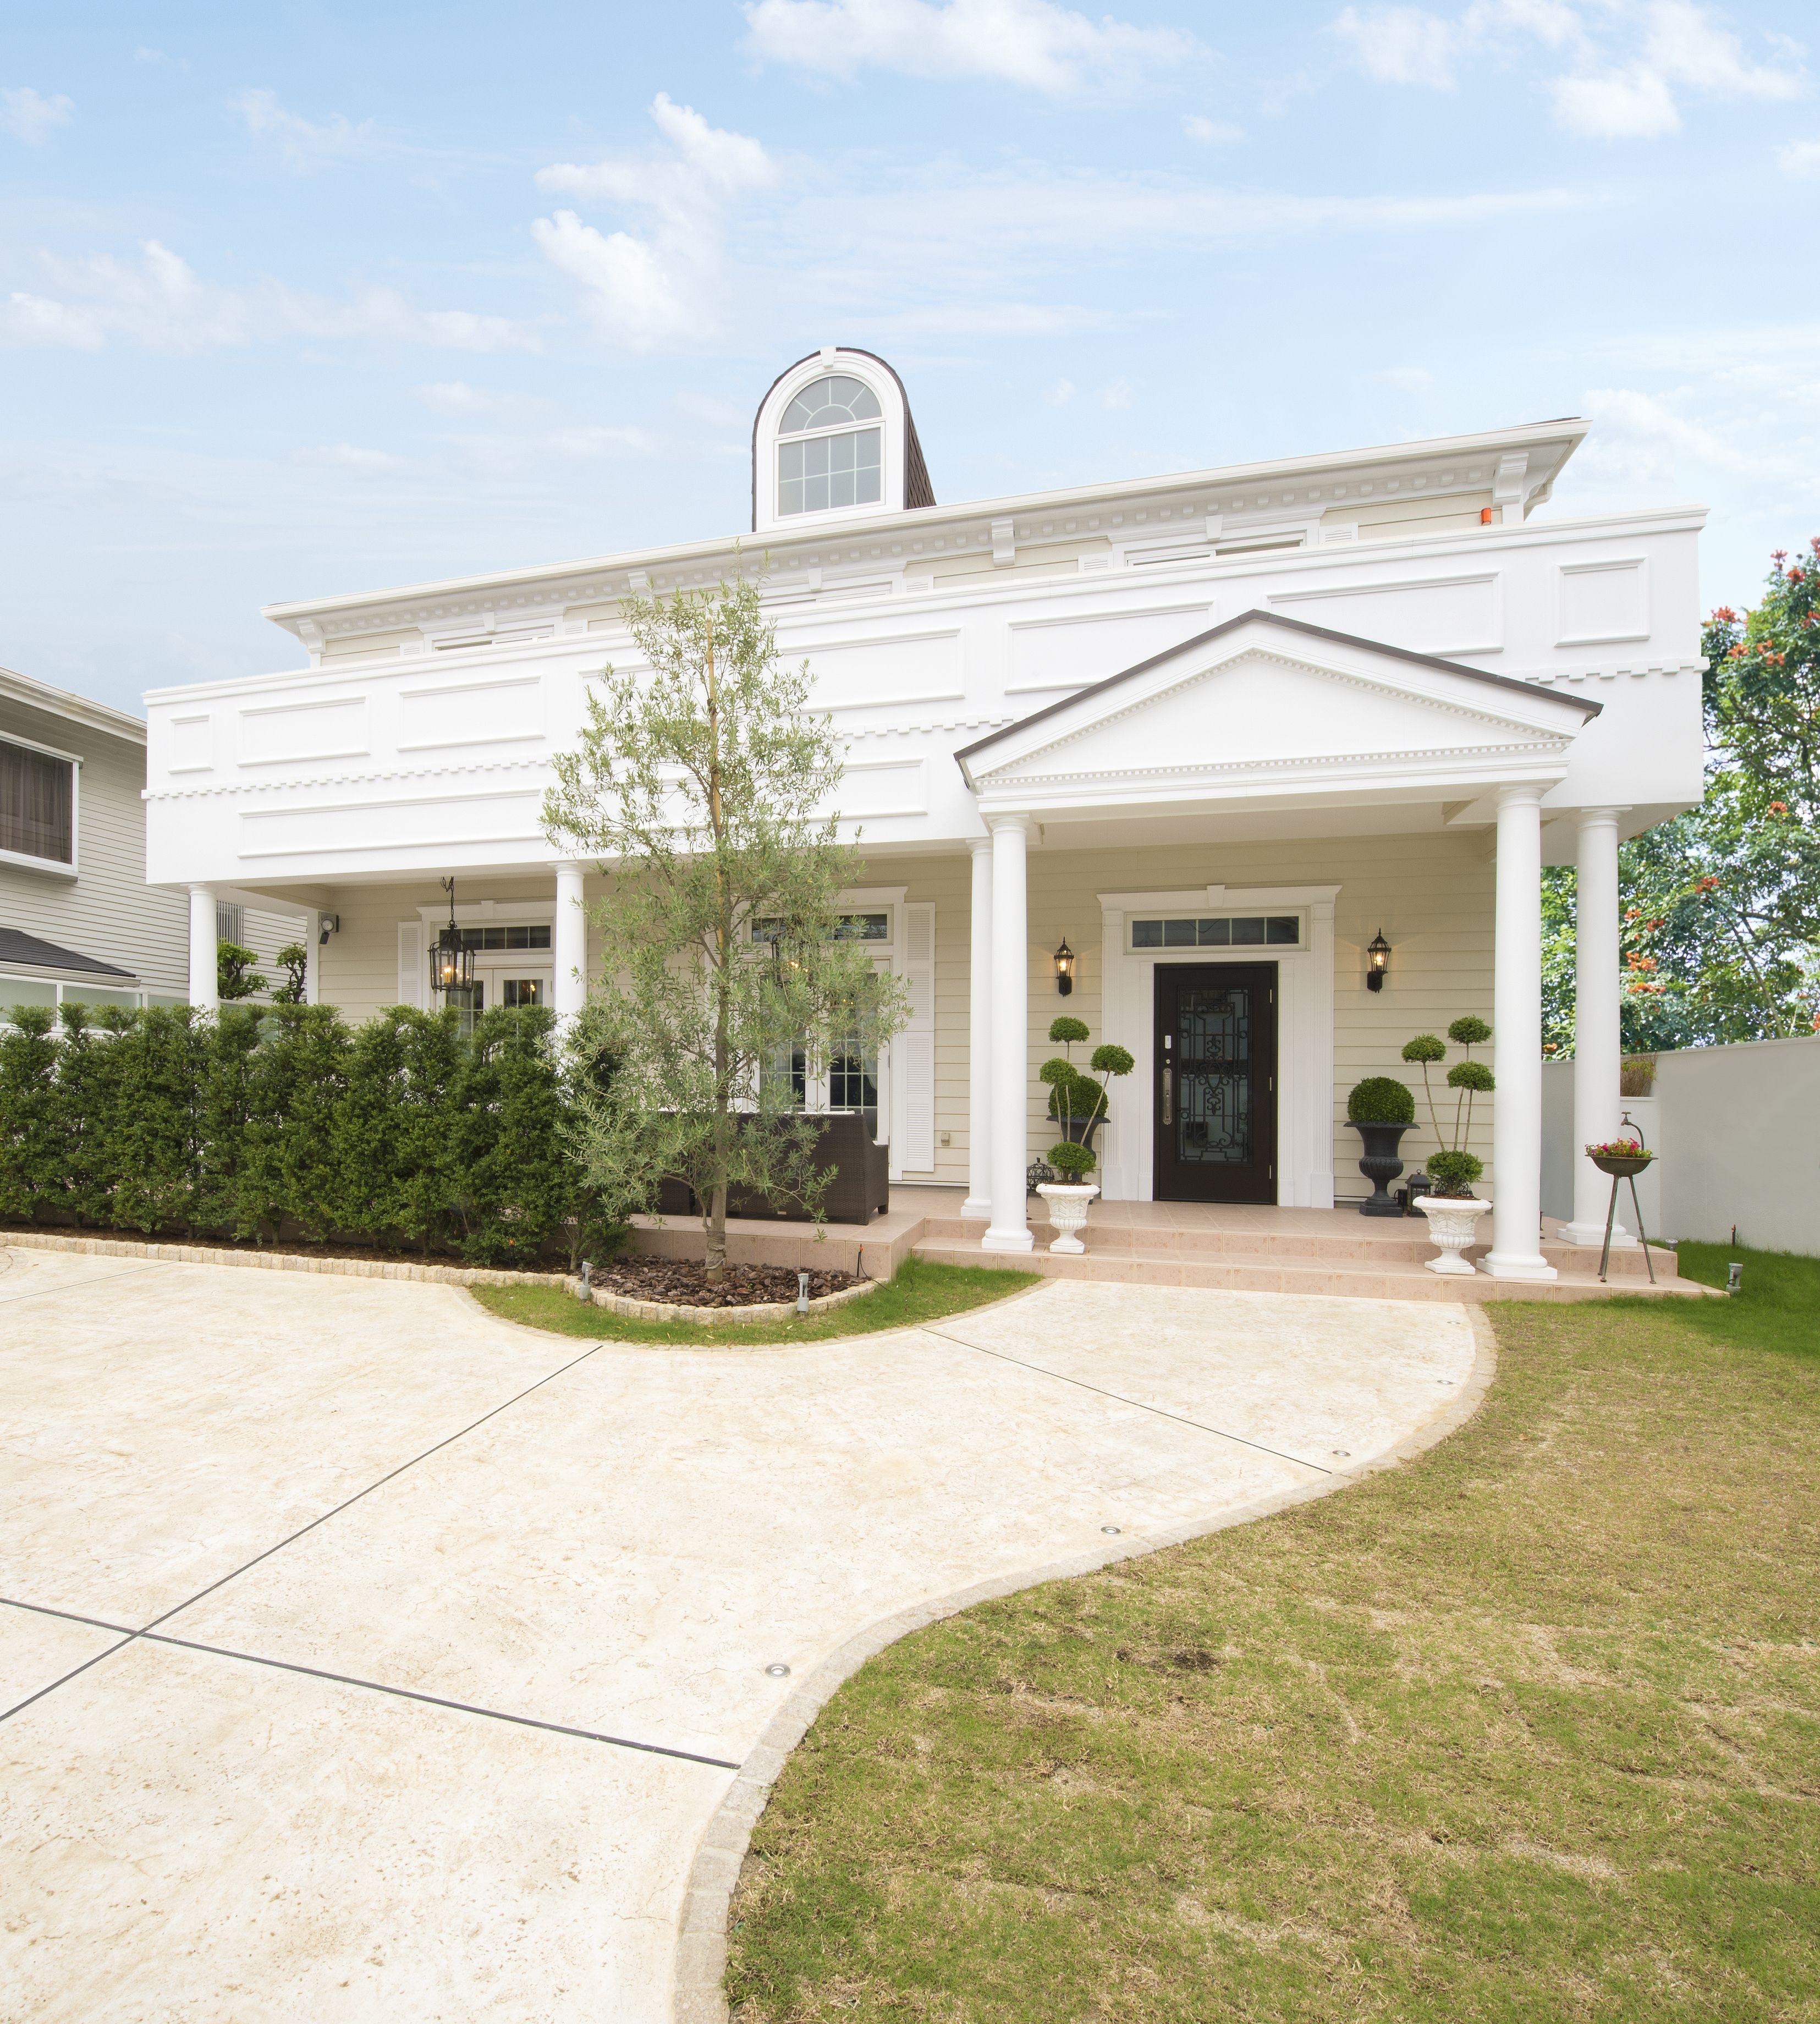 白い家 海外デザイン住宅の上品な外観 白い家 家 大きな家